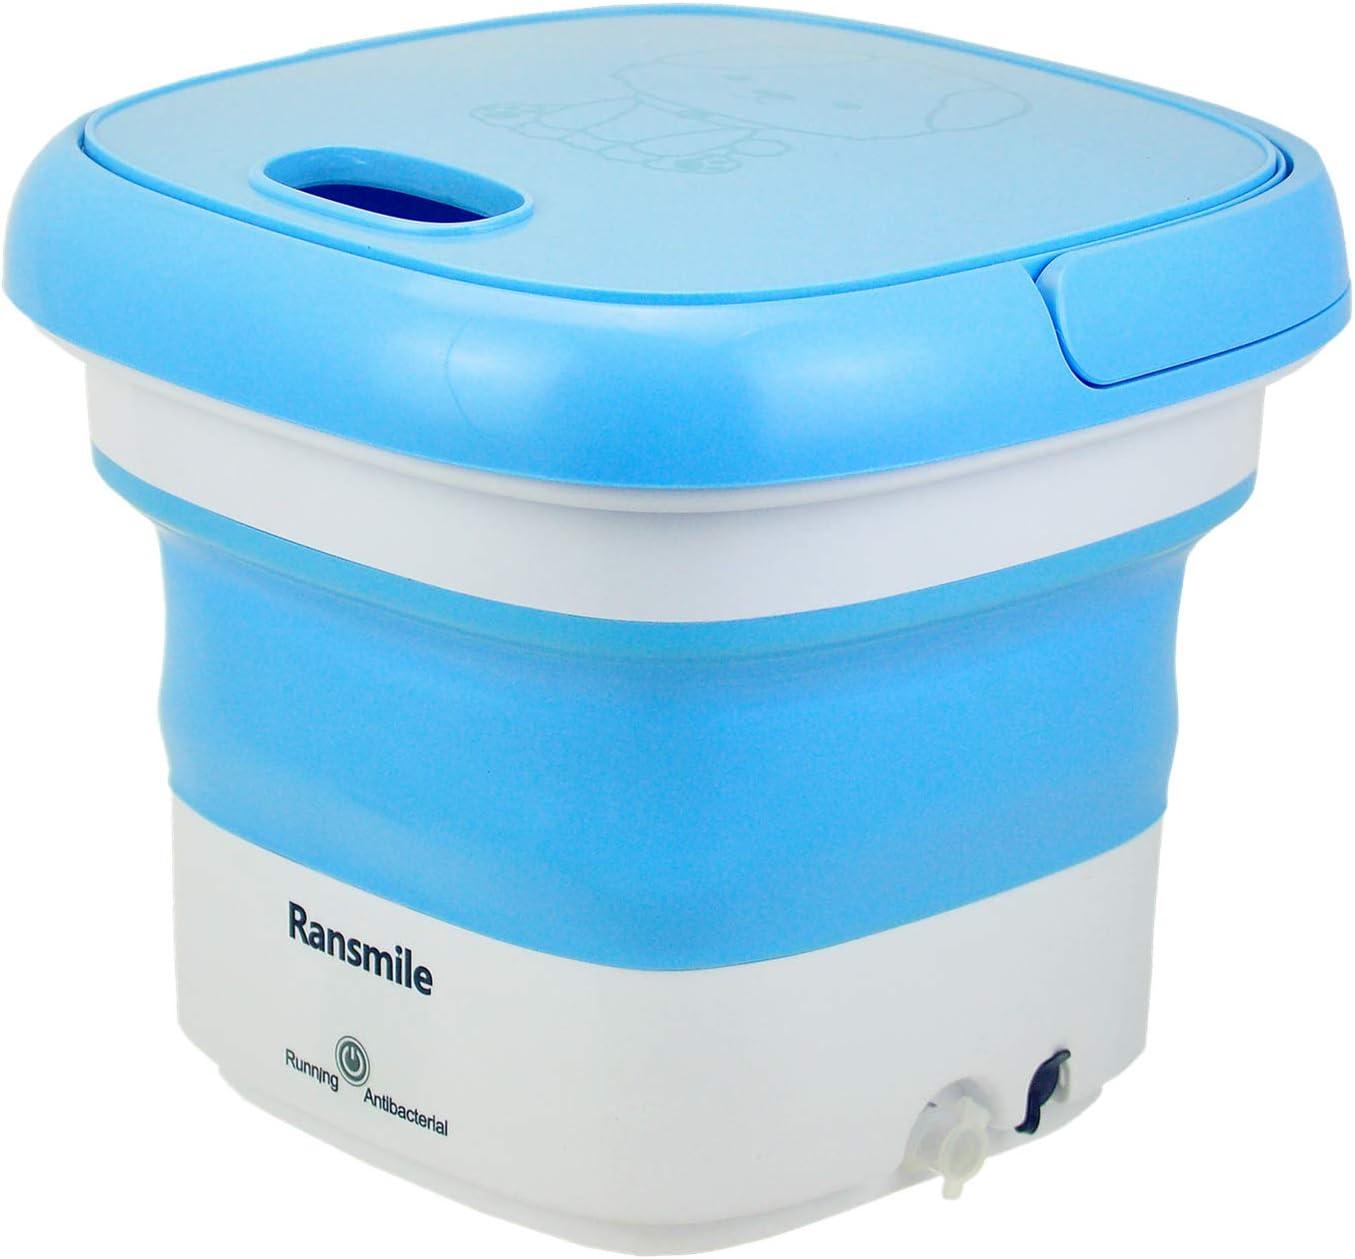 Ransmile portable washing machine